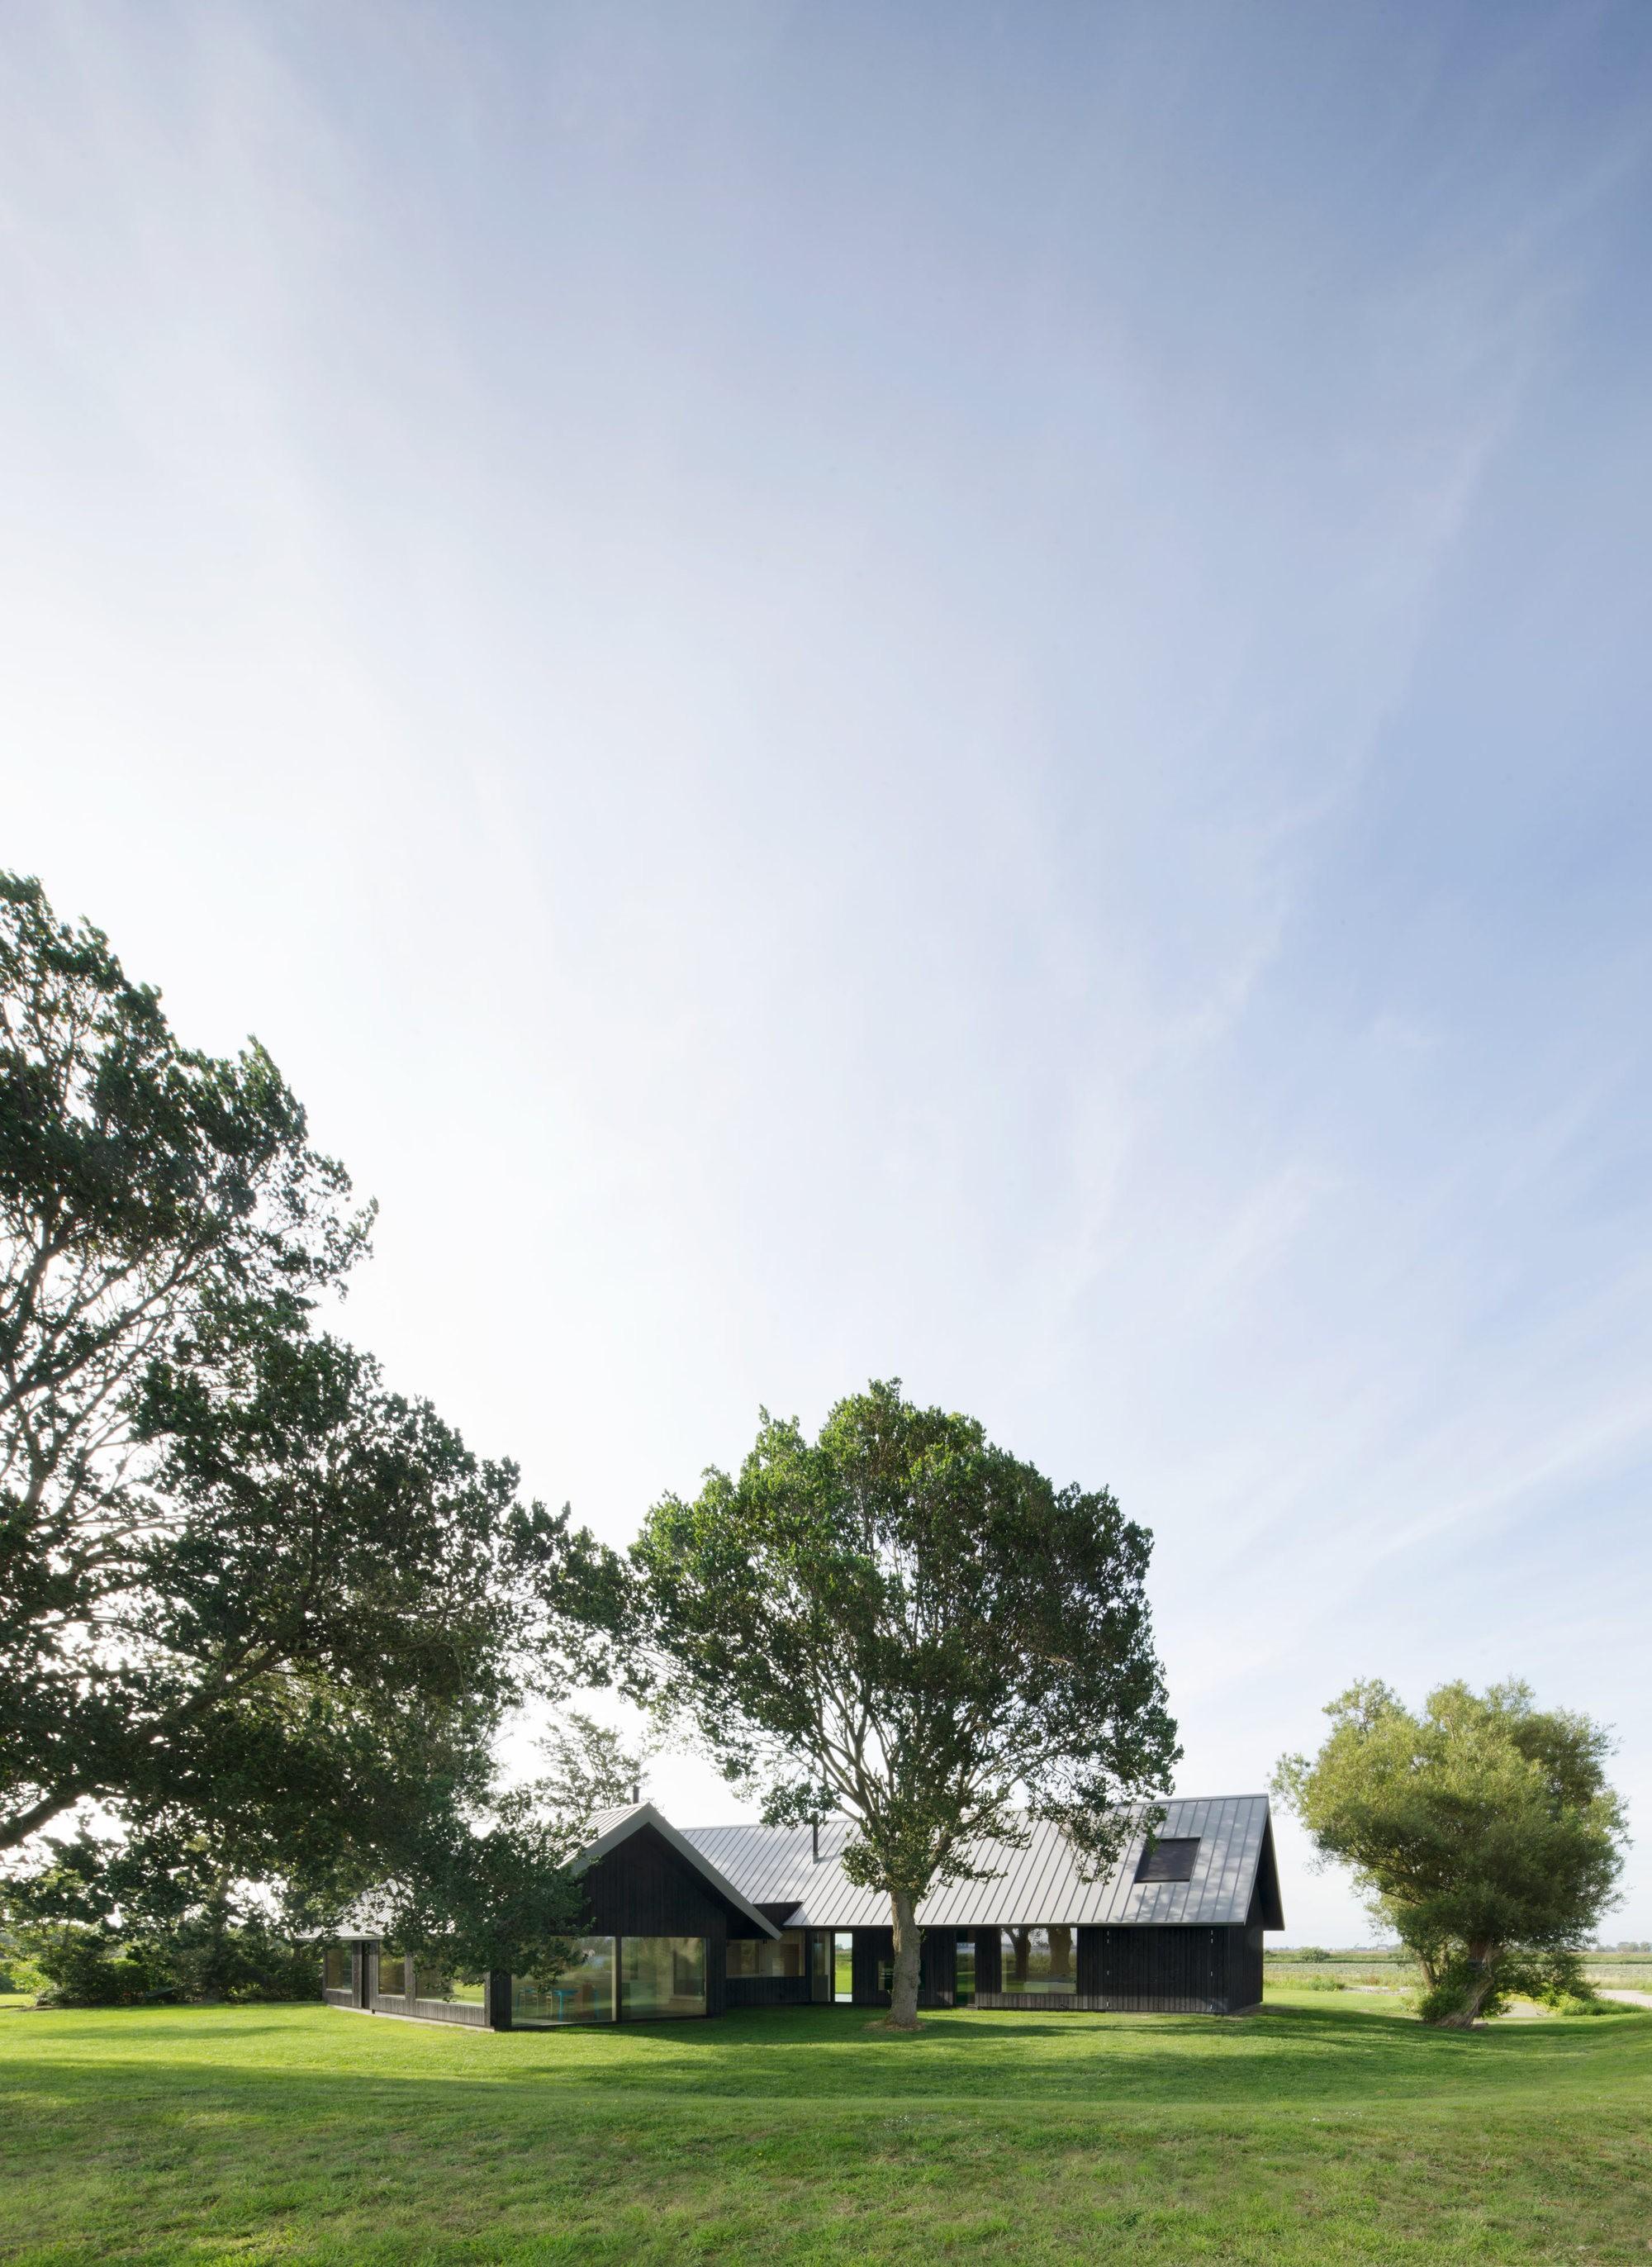 Простой уютный дом, гармонично вписанный в природный ландшафт